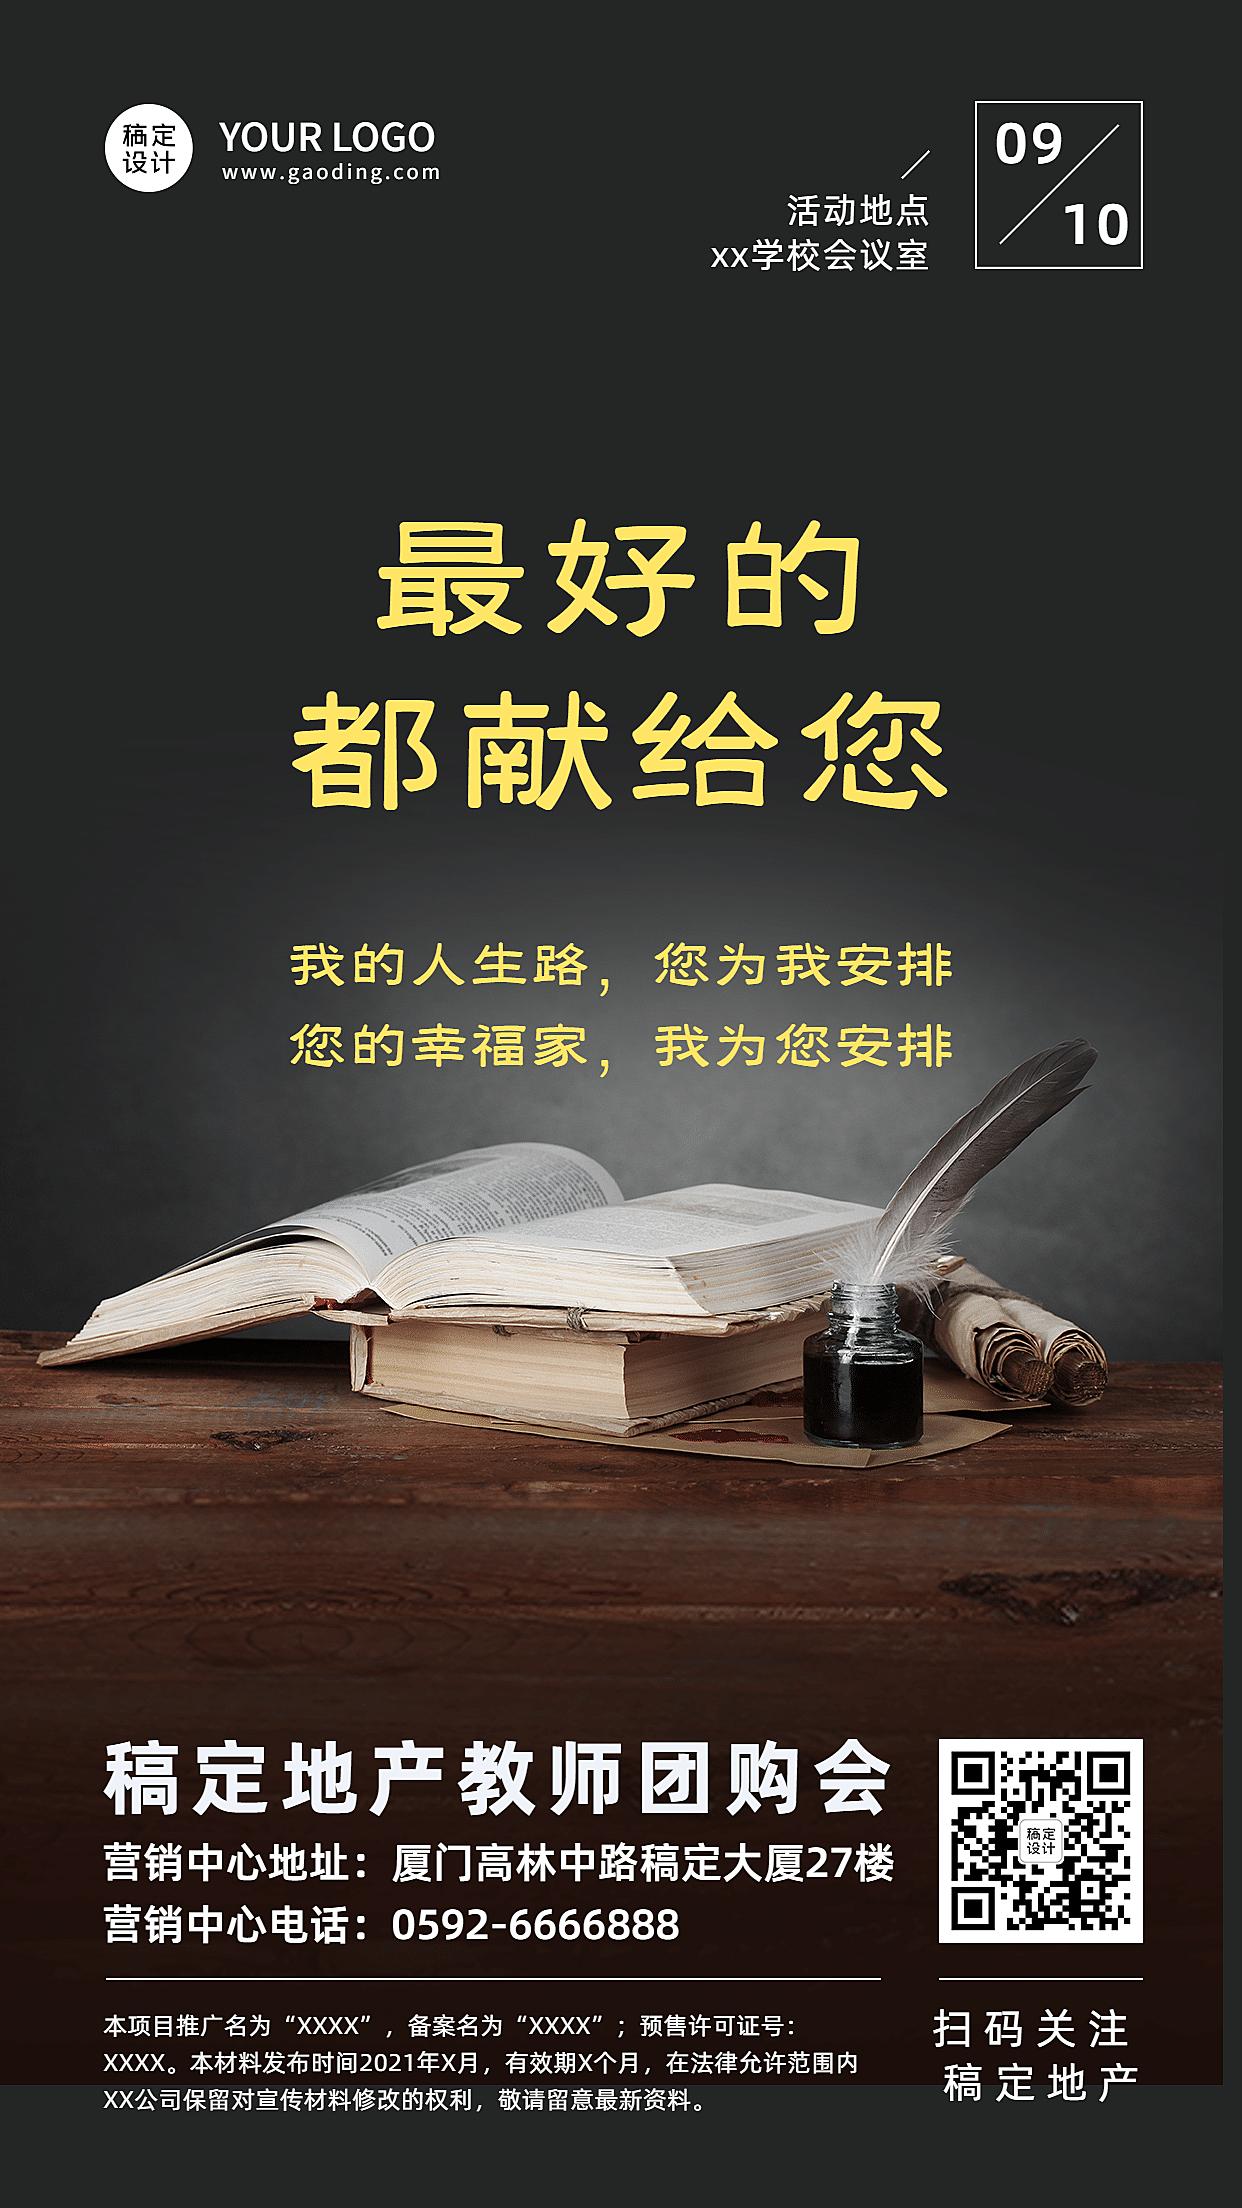 房地产教师节专场优惠团购营销海报